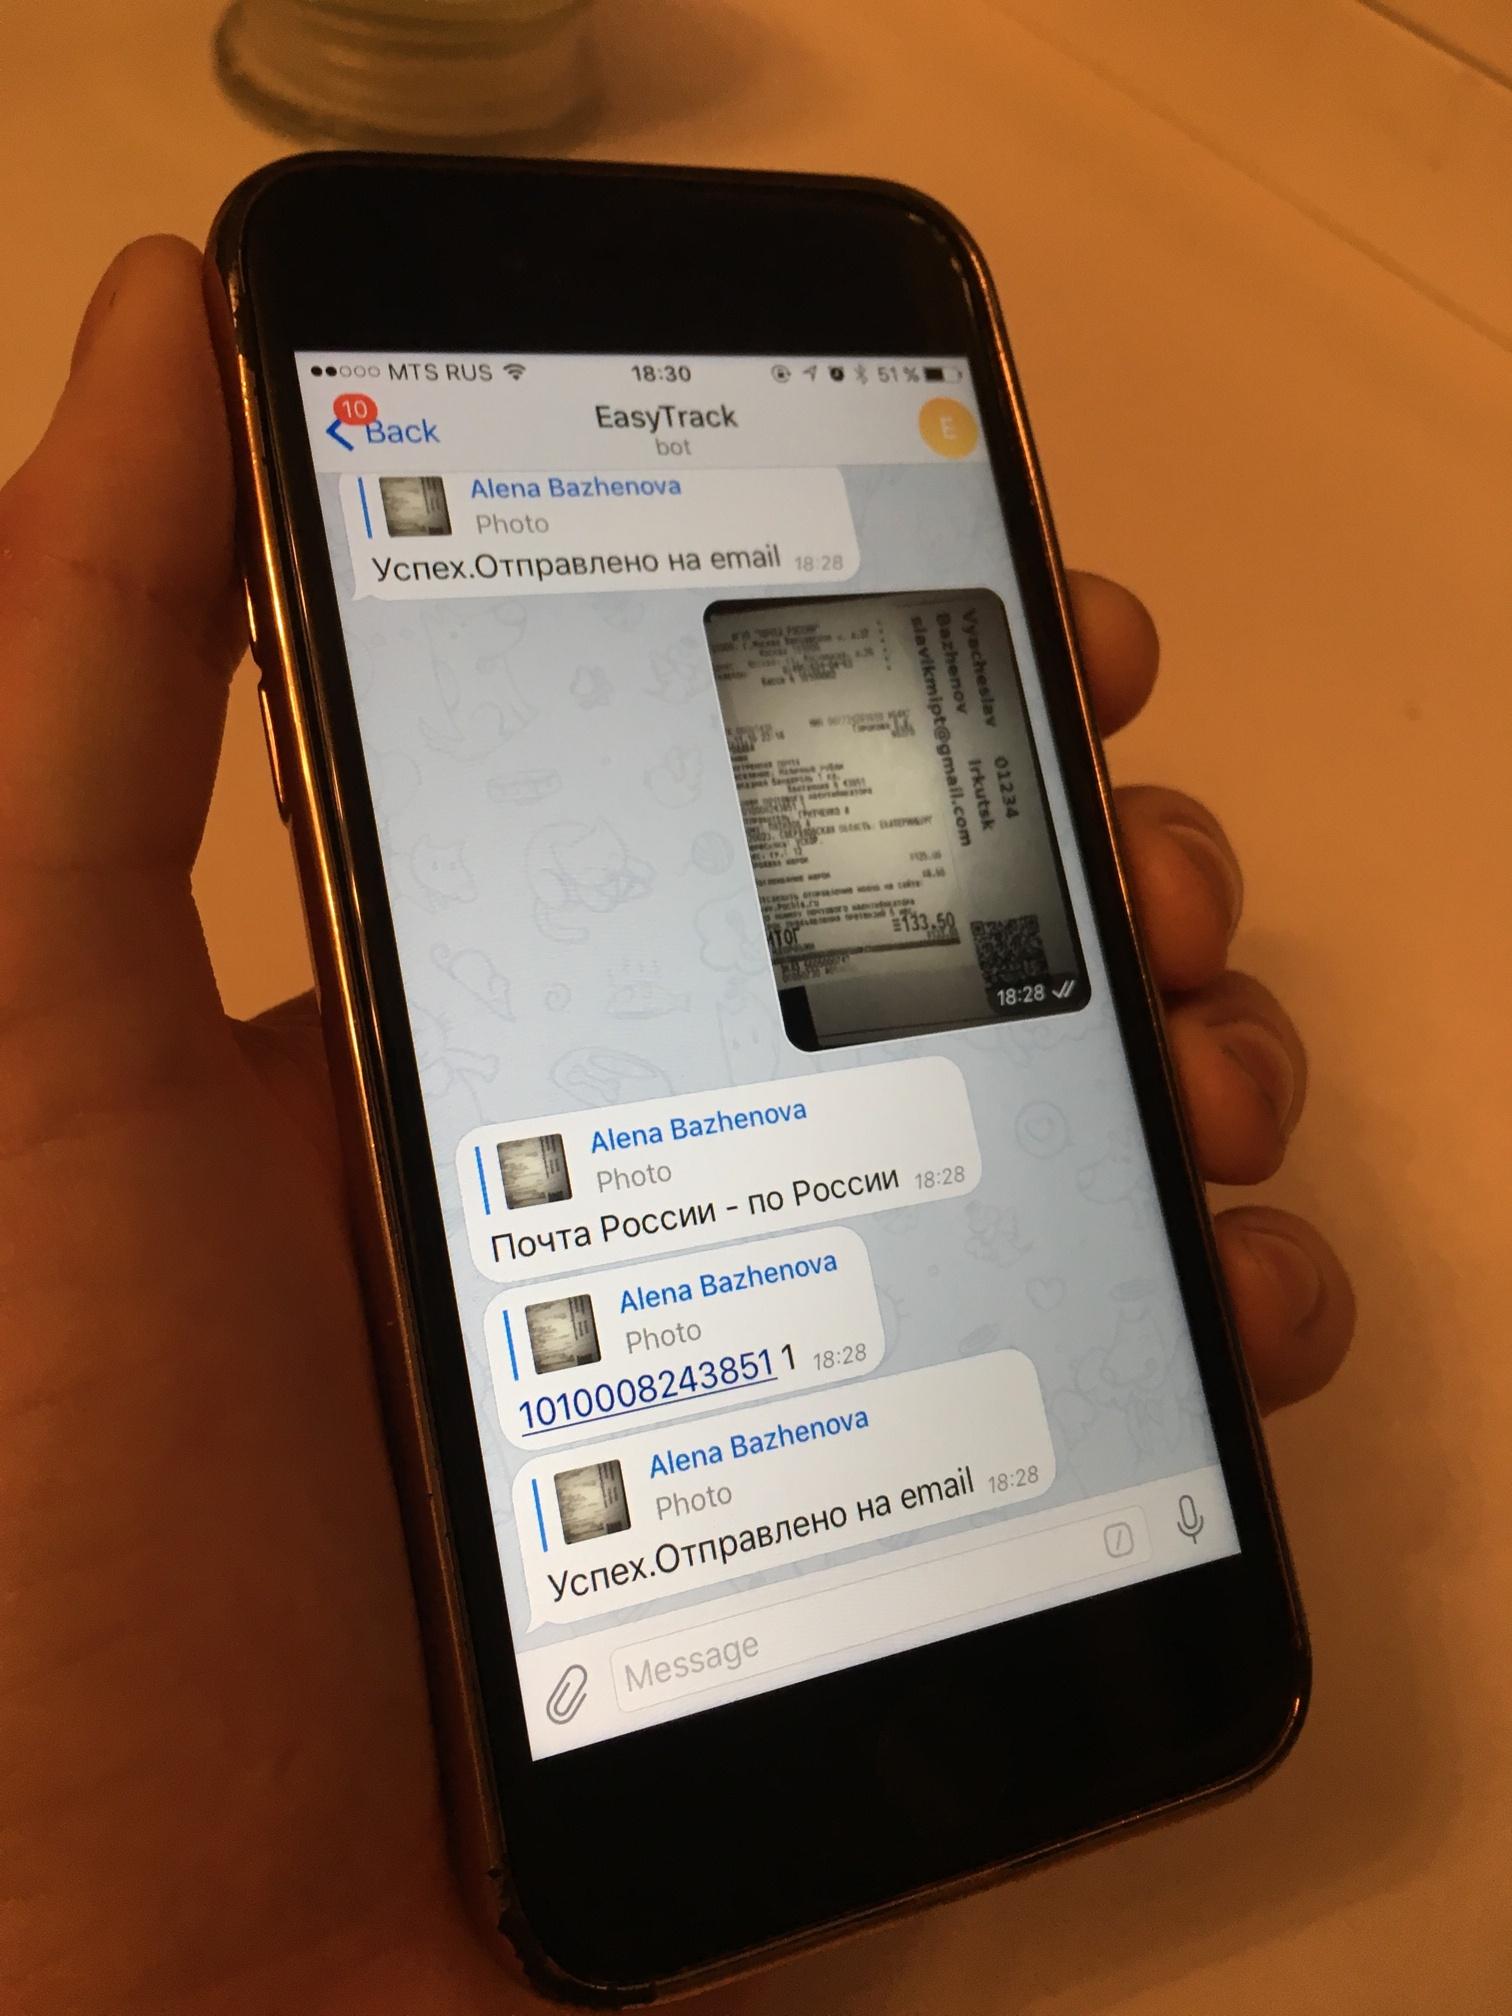 Биороботы нашего времени — избавляемся от рутины вместе с Telegram. Реальный кейс без фантазий - 13